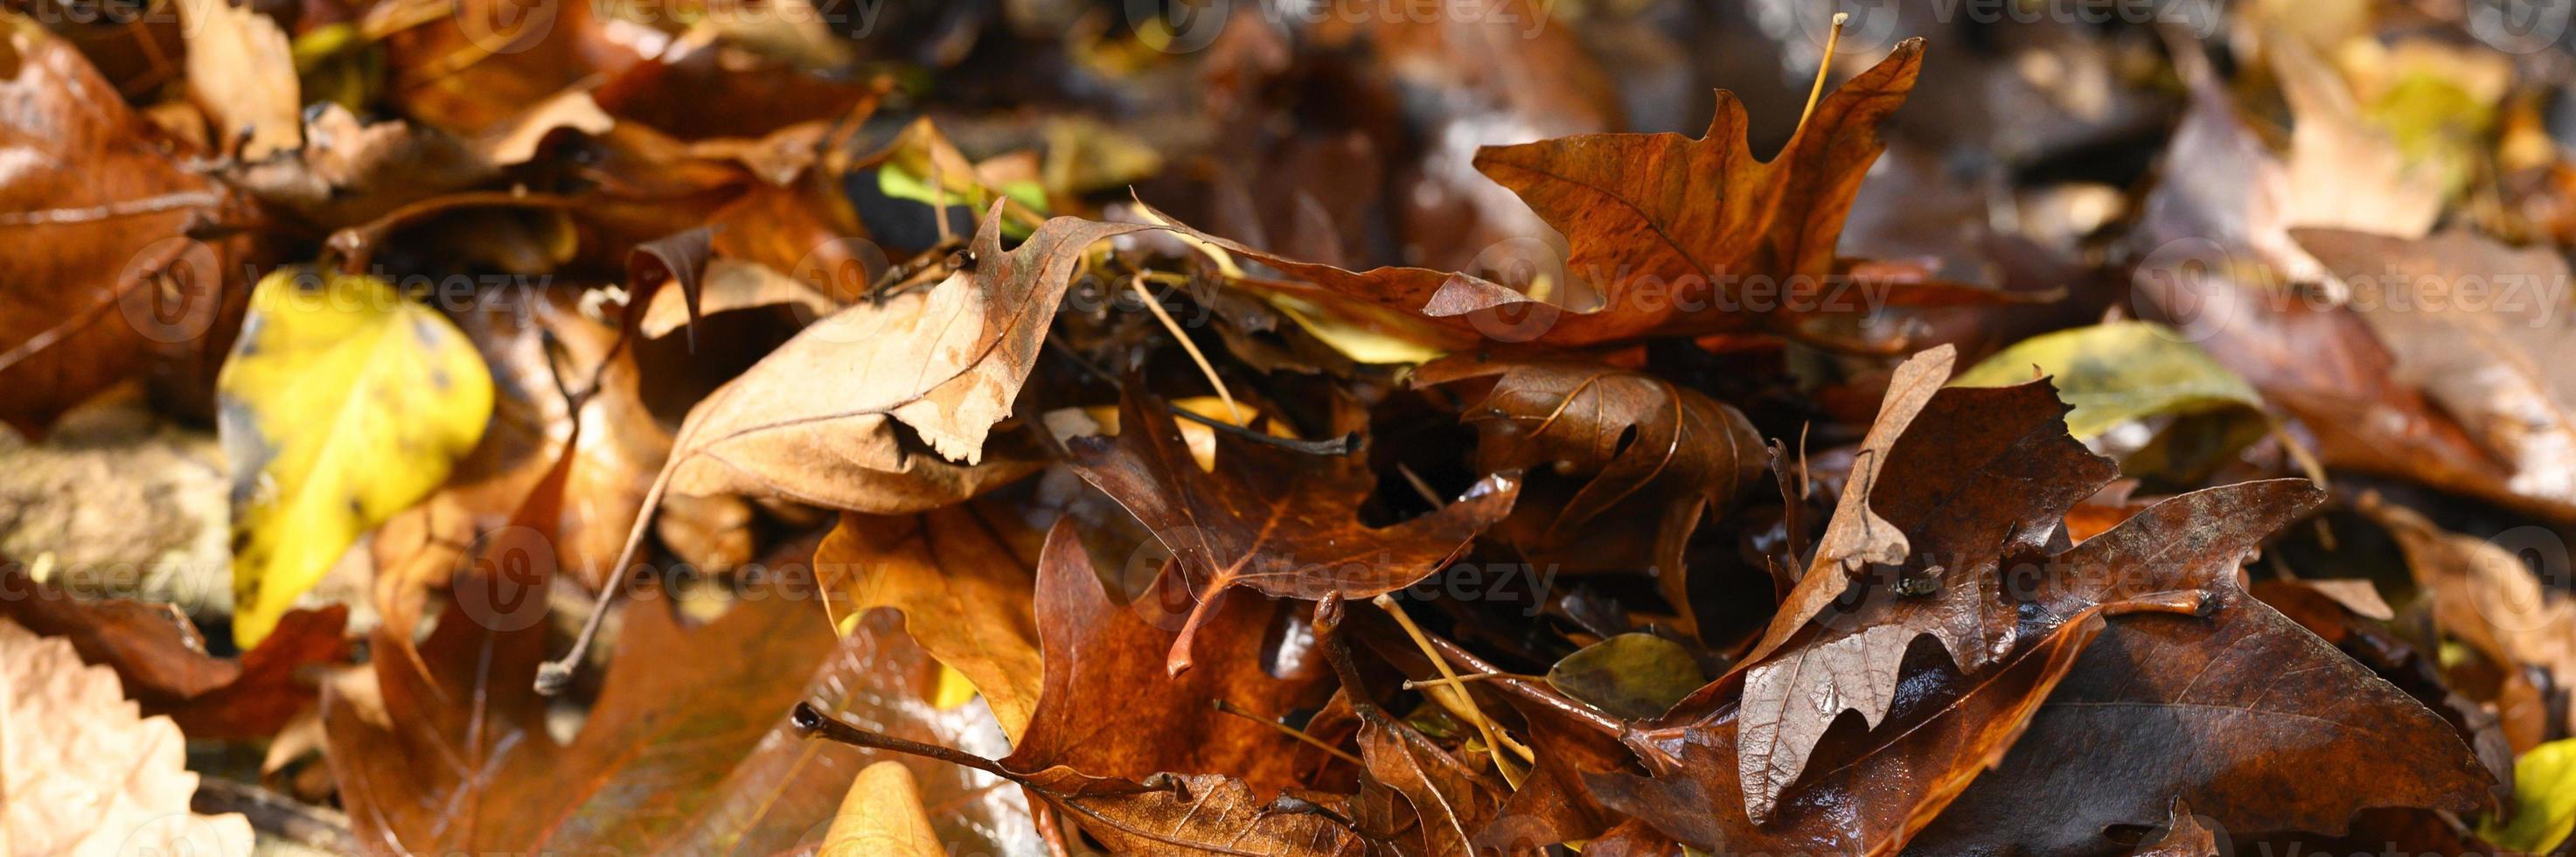 hojas de arce de otoño caídas foto